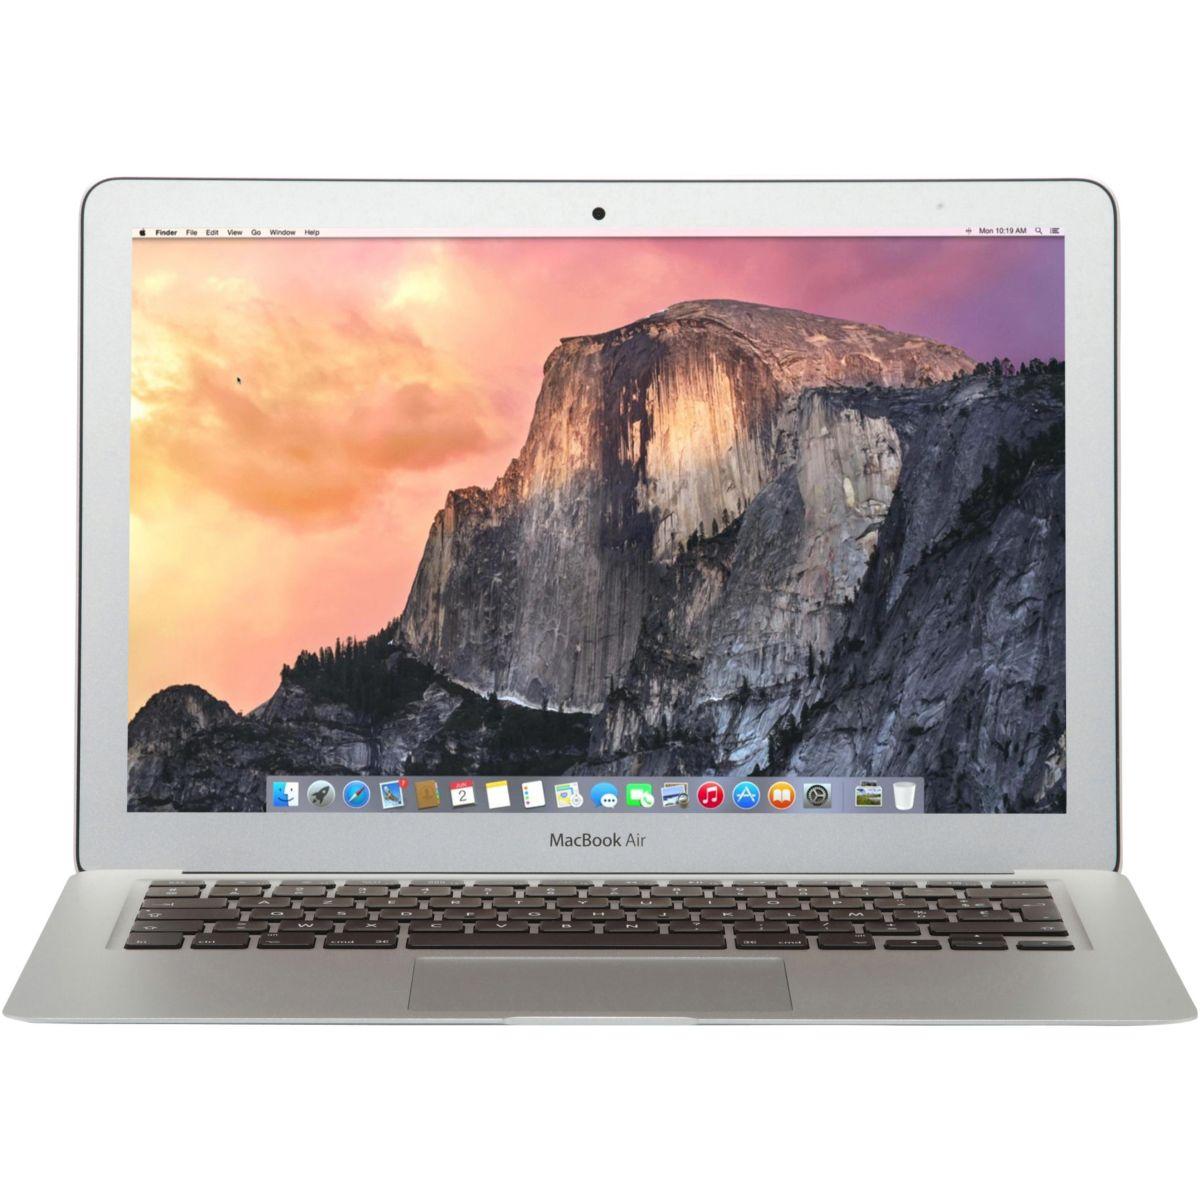 APPLE Macbook Air 13.3 1.6GHz 4Go 128Go (photo)